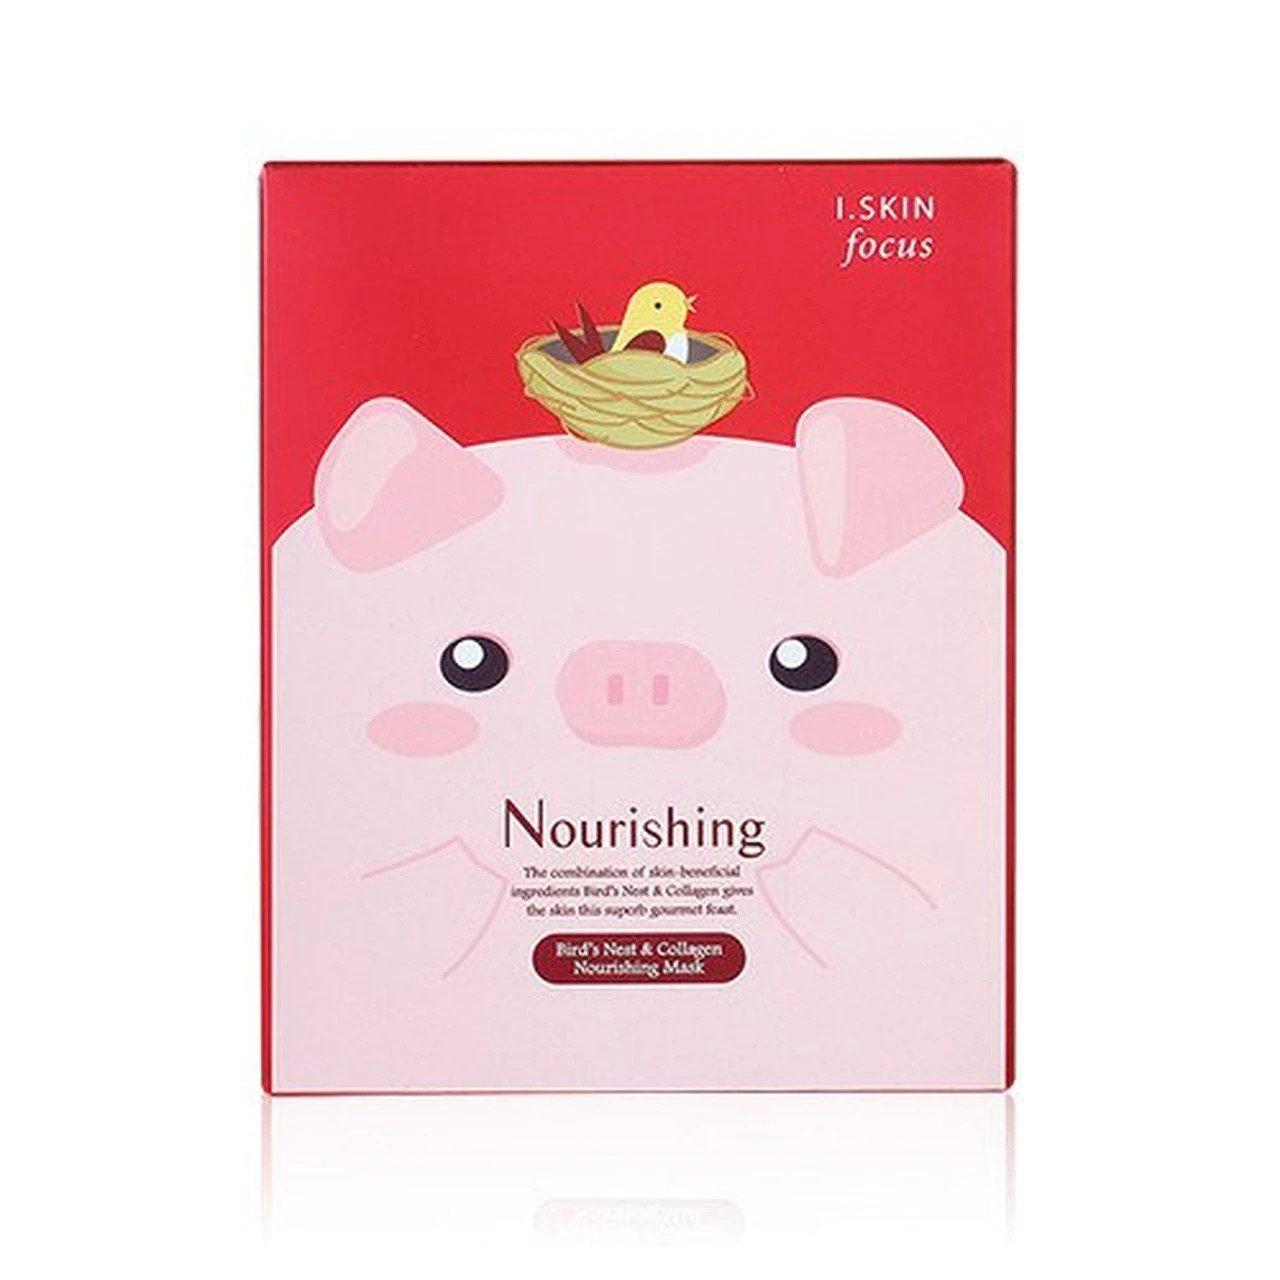 I. SKIN Bird's Nest & Collagen Nourishing Mask